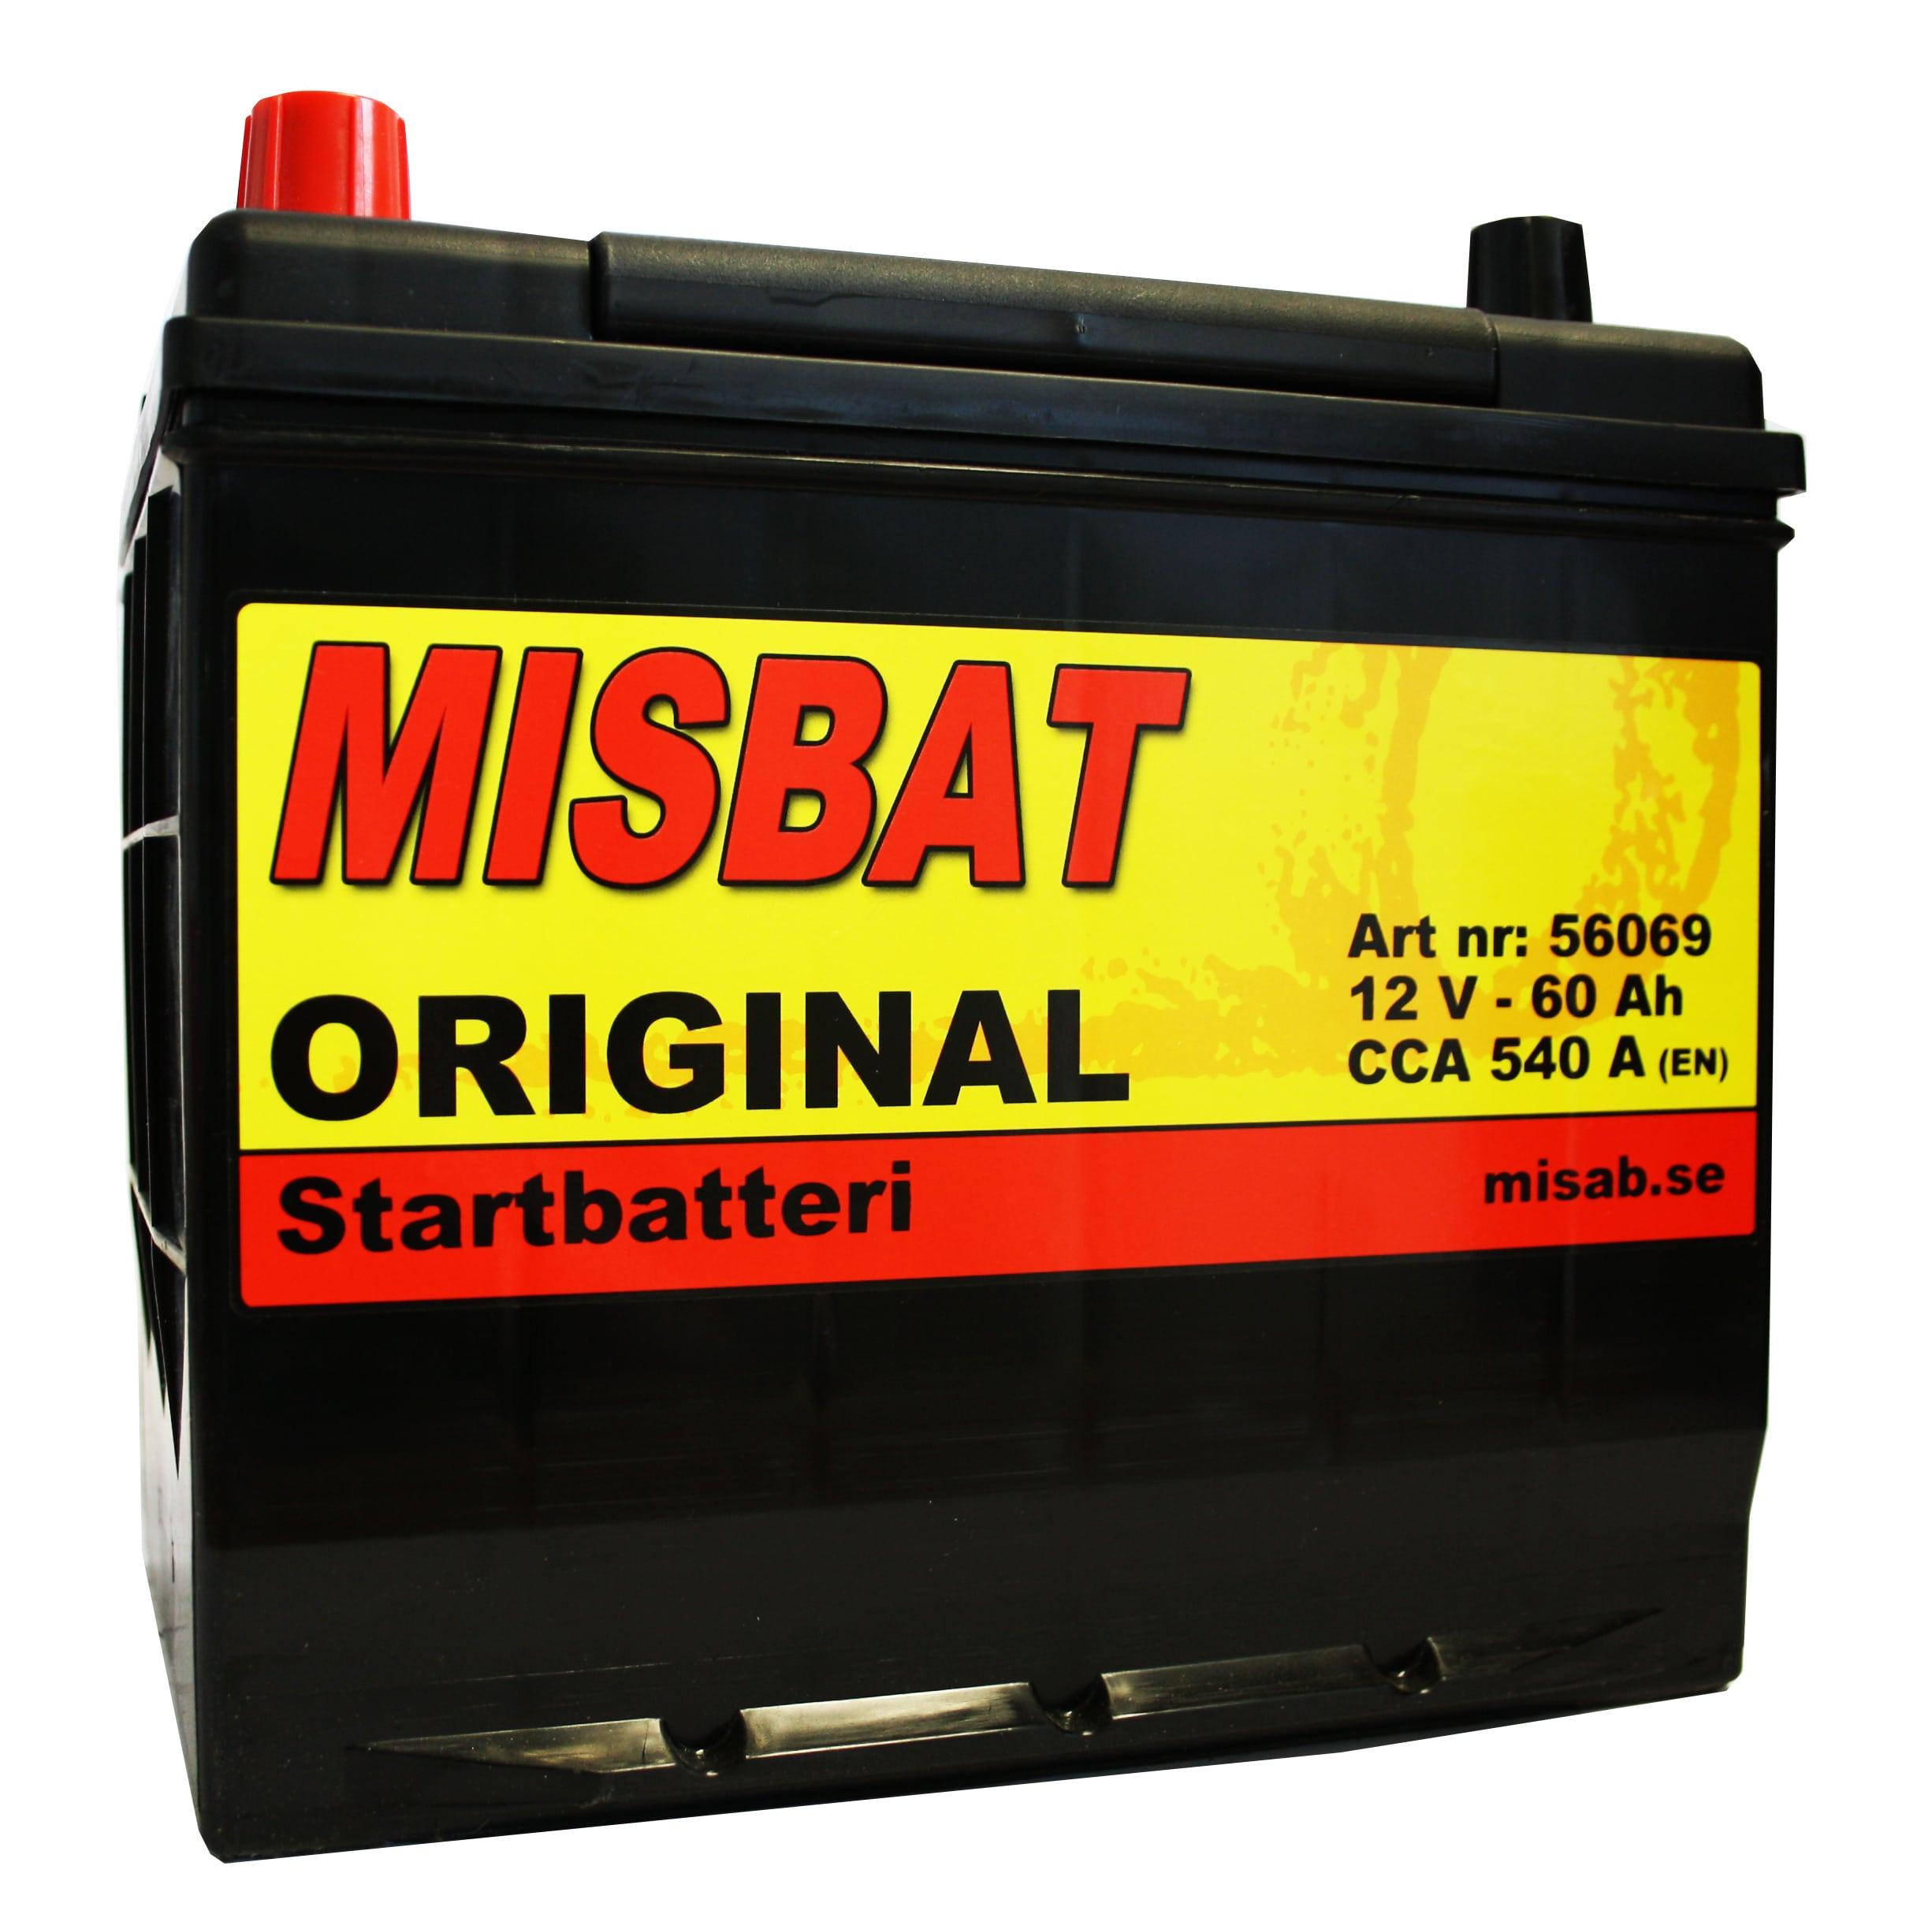 MISBAT ORIGINAL 60 AH